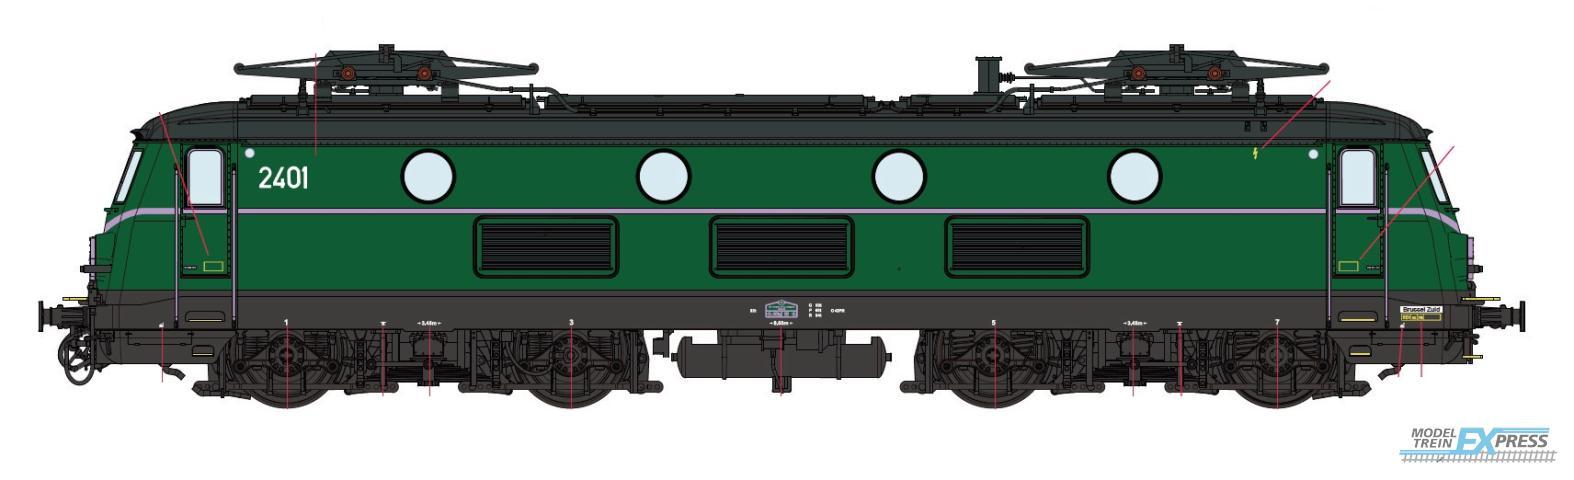 B-Models 3401.05